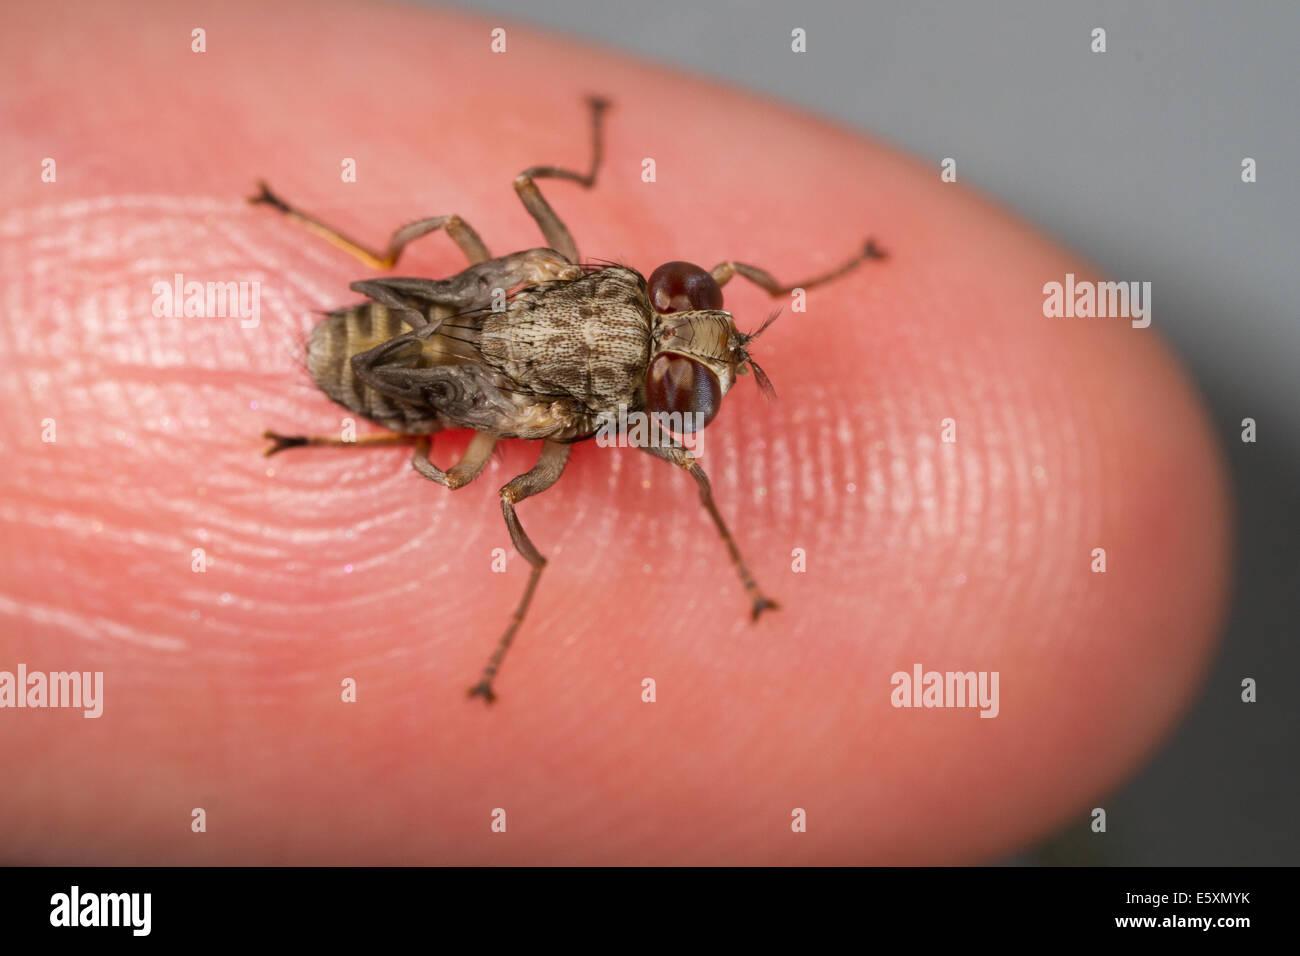 Freshly-emerged, 'spider-form' female Tsetse fly (Glossina morsitans) resting on tip of little finger - Stock Image